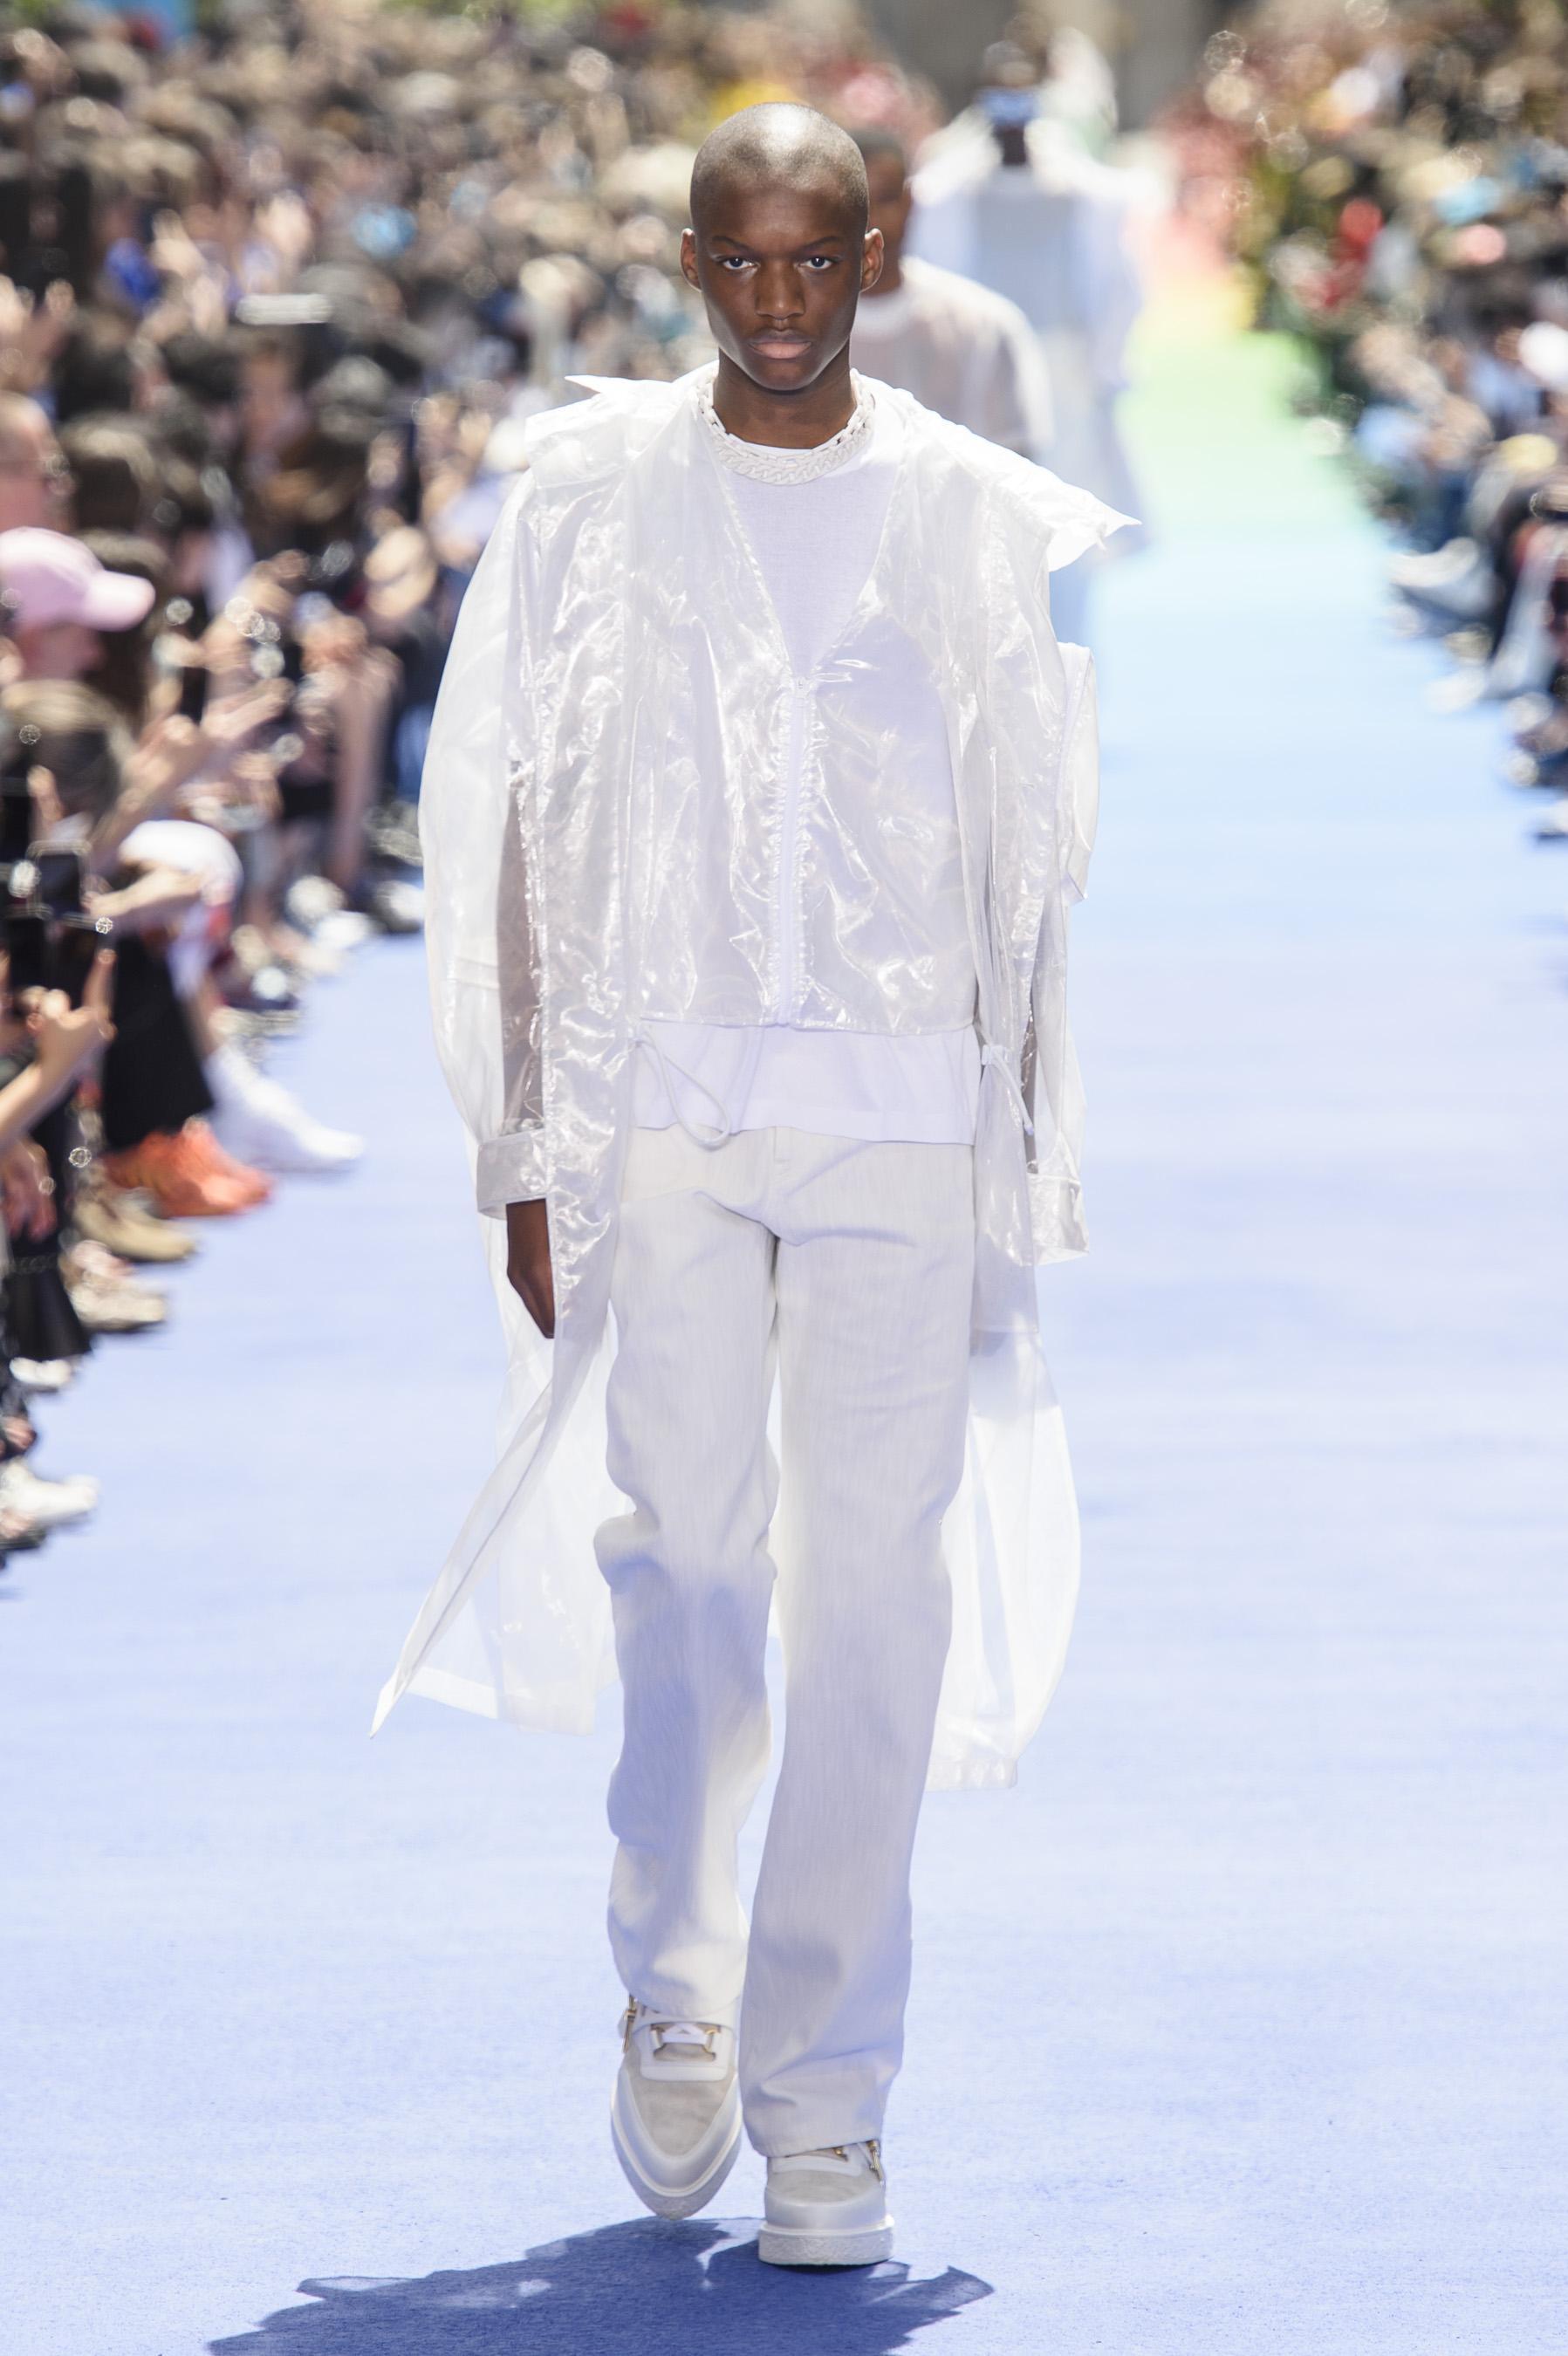 Défilé Louis Vuitton printemps-été 2019, Paris - Look 9. Défilé Louis  Vuitton Homme printemps-été 2019 Paris - photo 9 Imaxtree ab98e8a1eb5